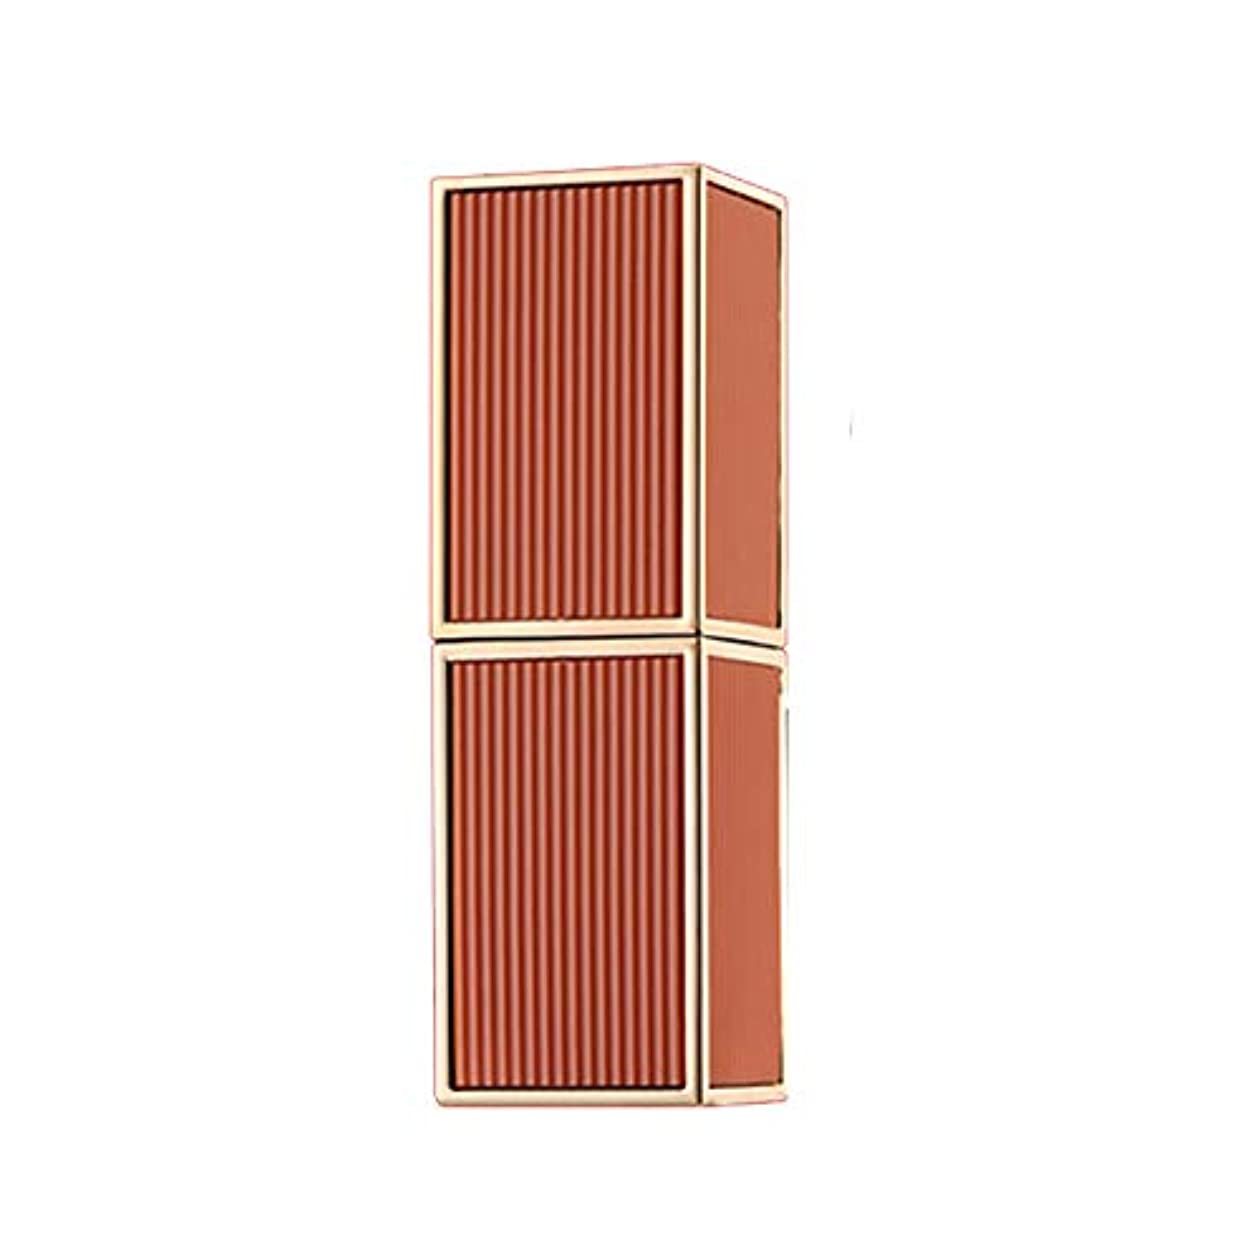 デクリメント剛性スツールリップバーム 1pc スクエアチューブ 口紅 リップスティック レッド 深い色 保湿 リップクリーム ベルベット メイク プレゼント ツヤツヤな潤い肌の色を見せるルージュhuajuan